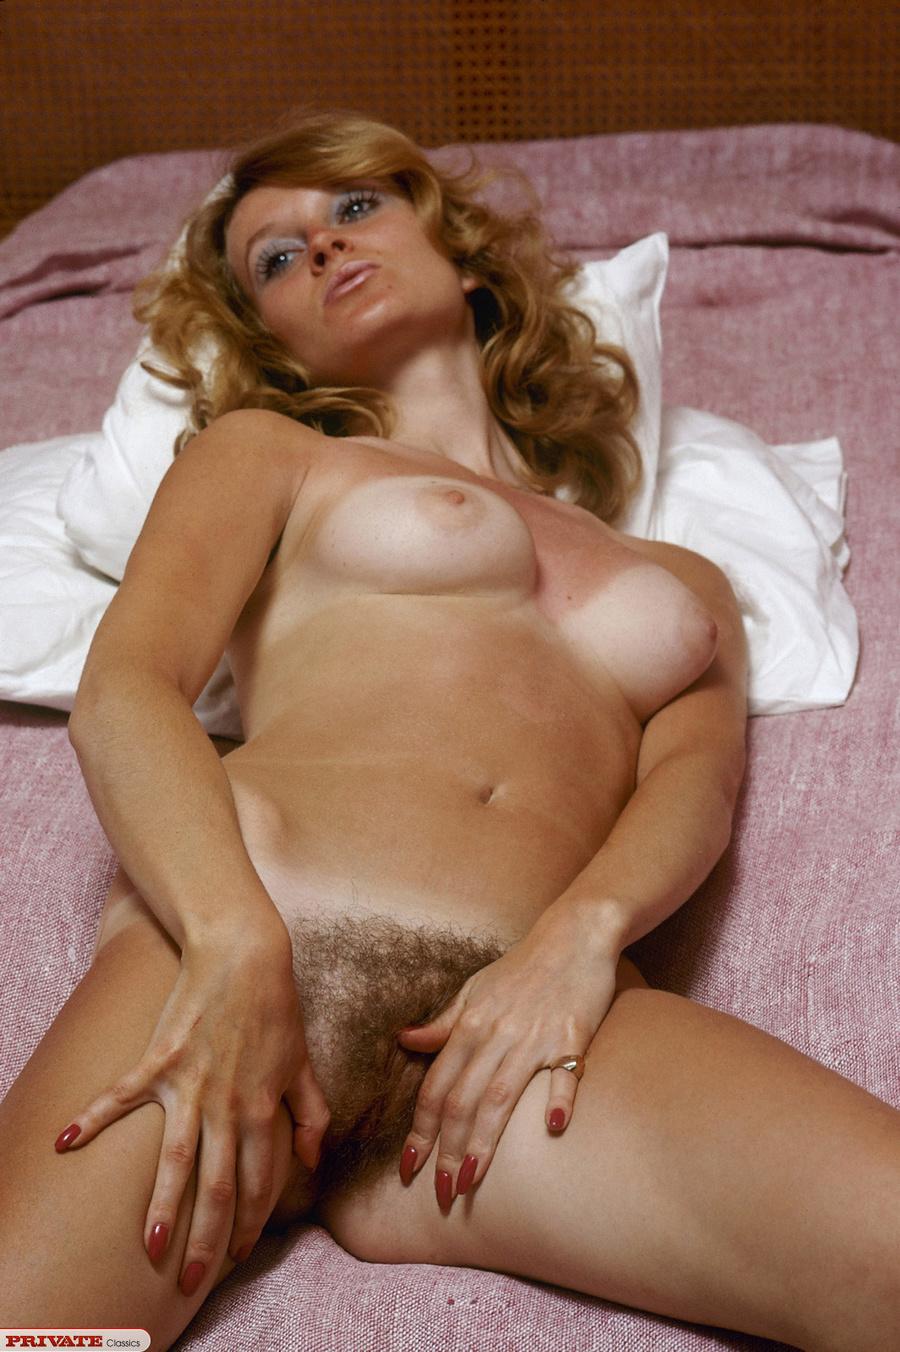 Xxx Vintage Porn Blond And Innocent Teenag - Xxx Dessert -6209